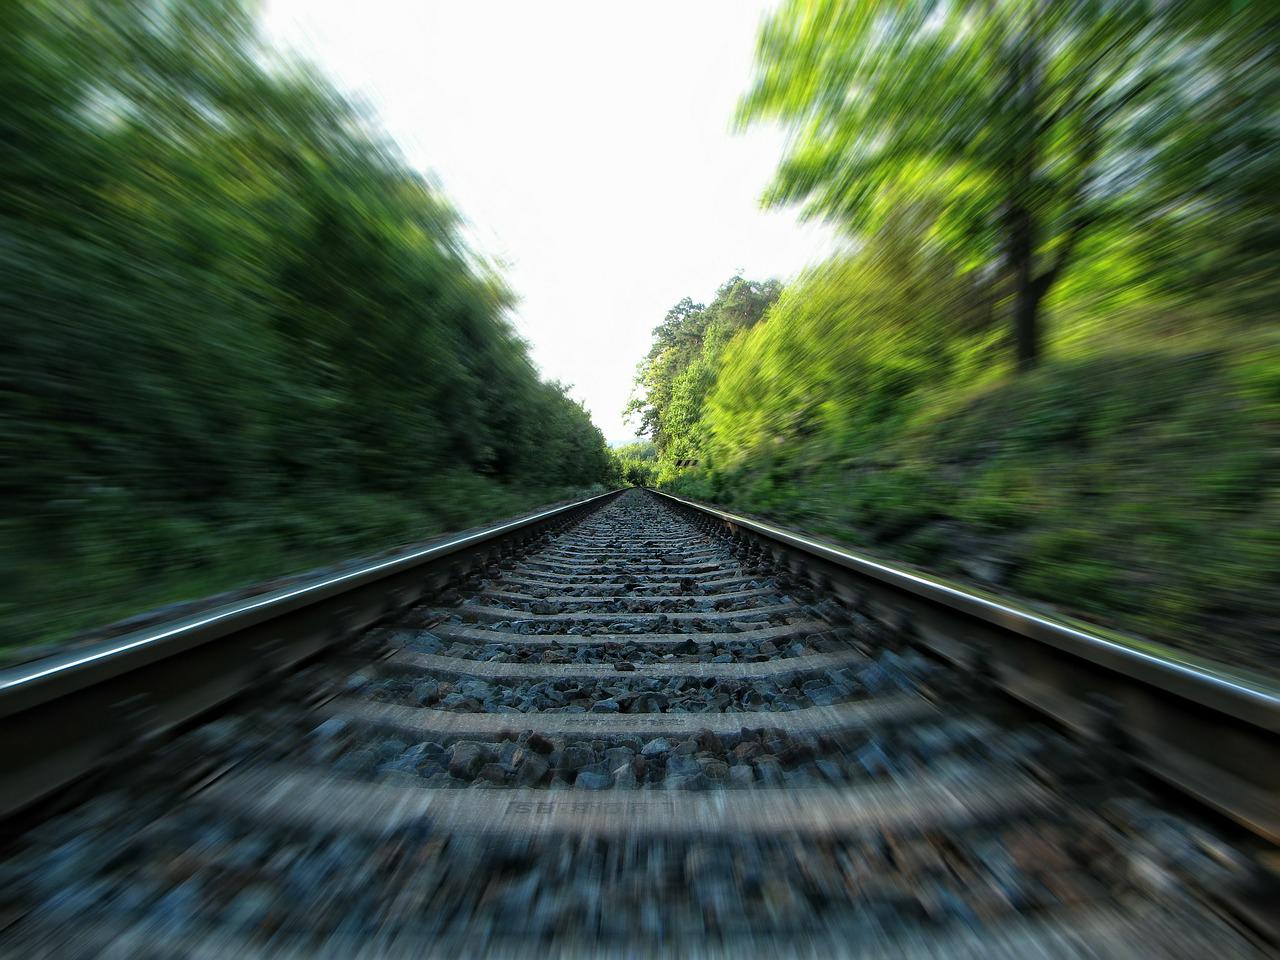 ヤンゴン市内の高架式鉄道、2020年着工へ